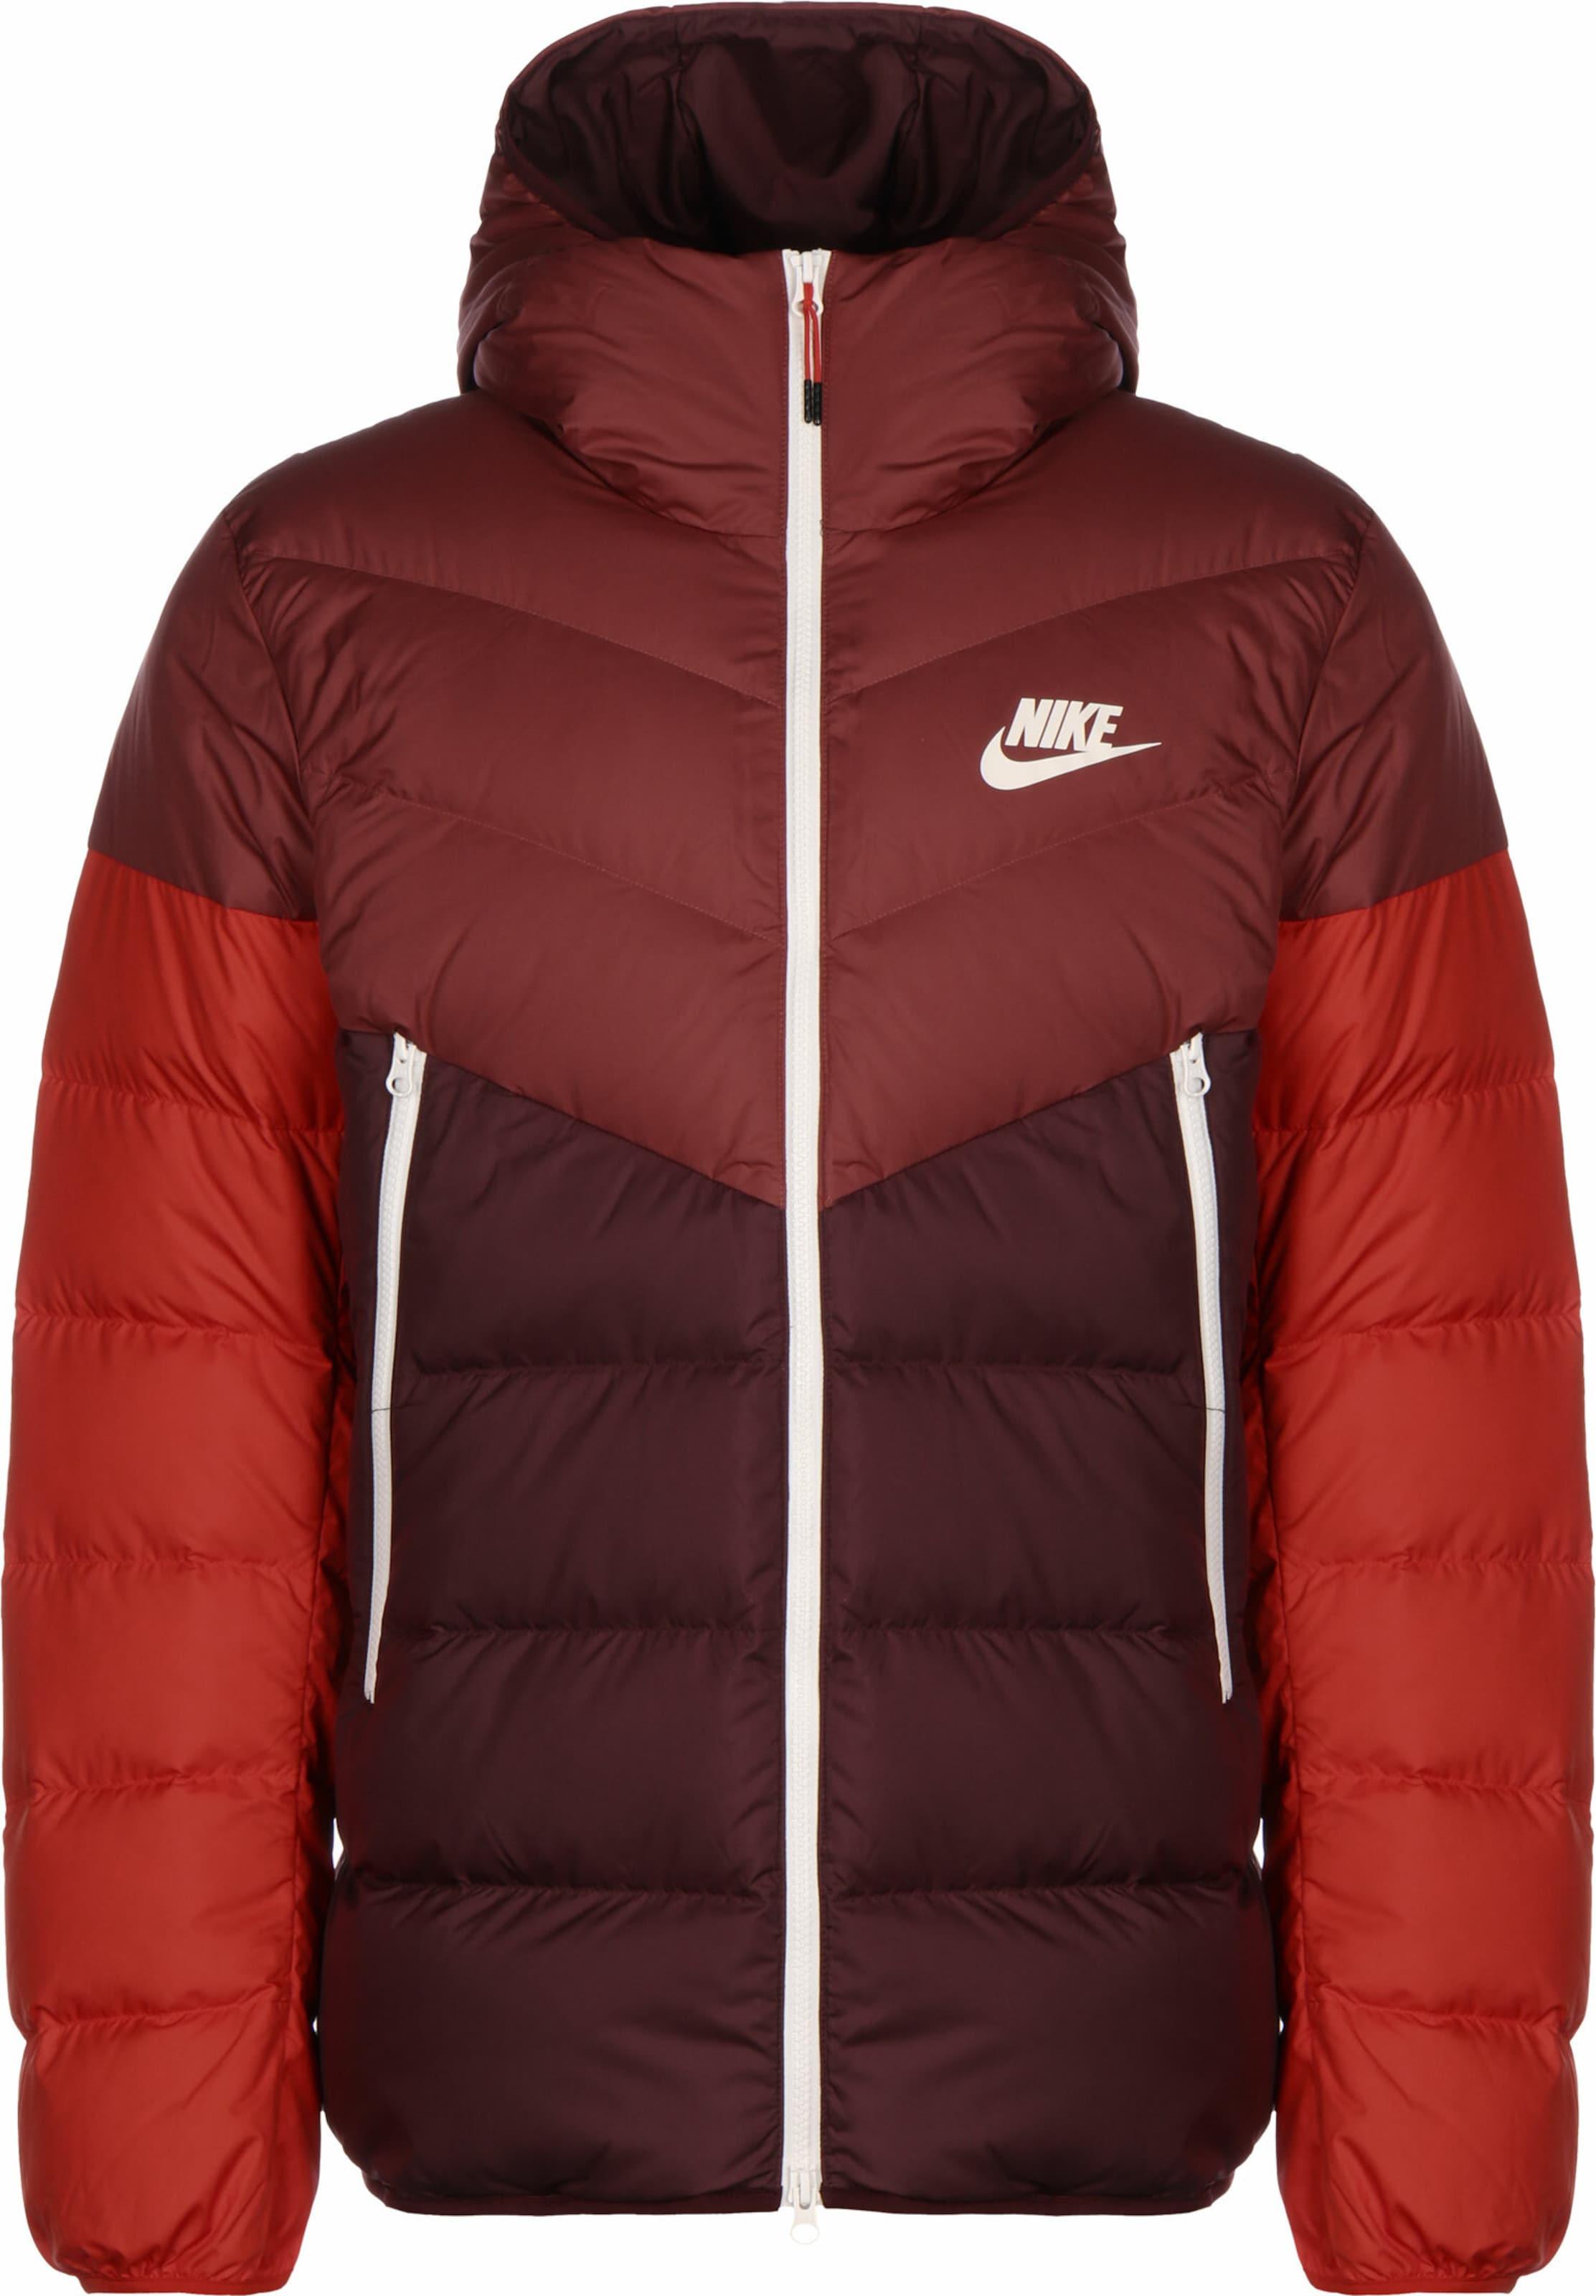 Veste d'hiver 'Windrunner' Nike Sportswear